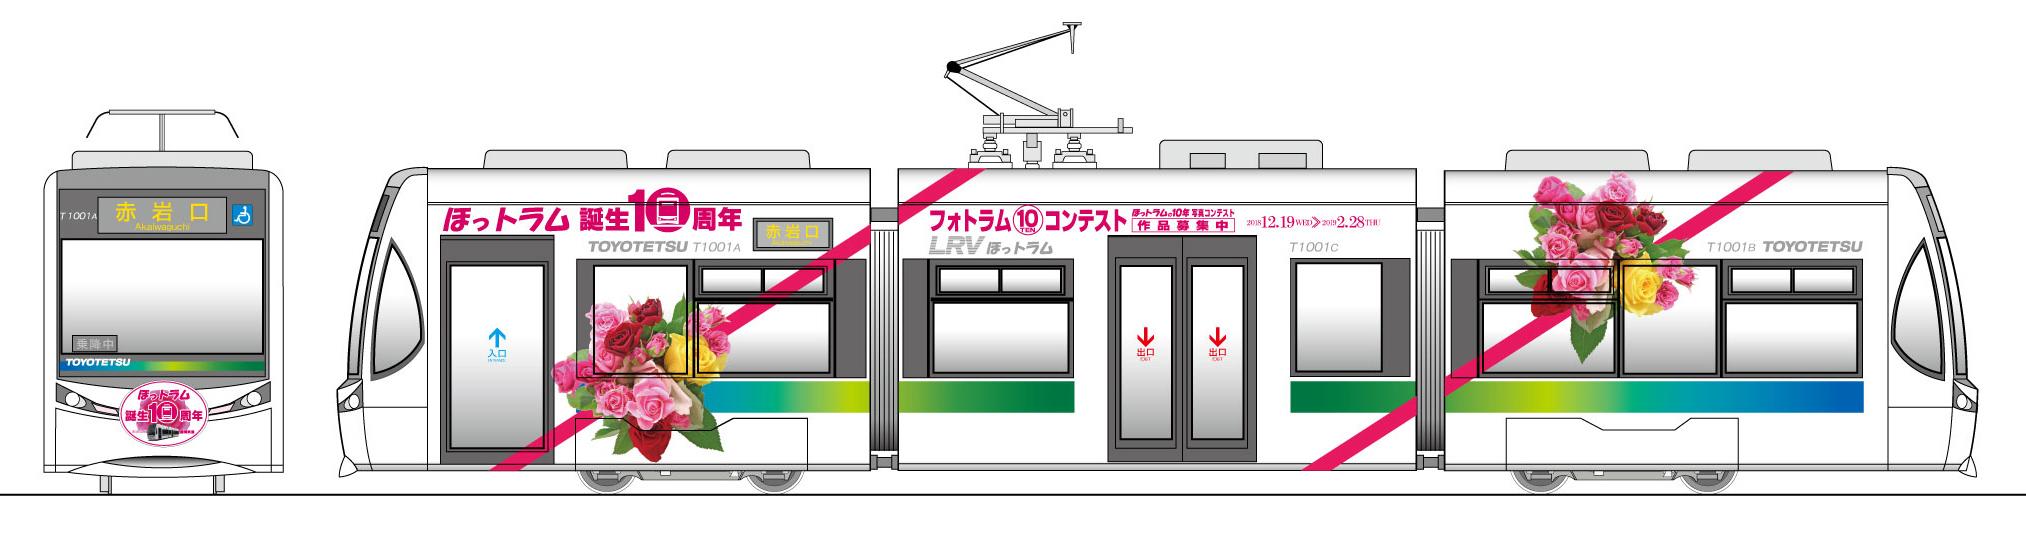 ほっトラム誕生10周年記念号(イメージ)